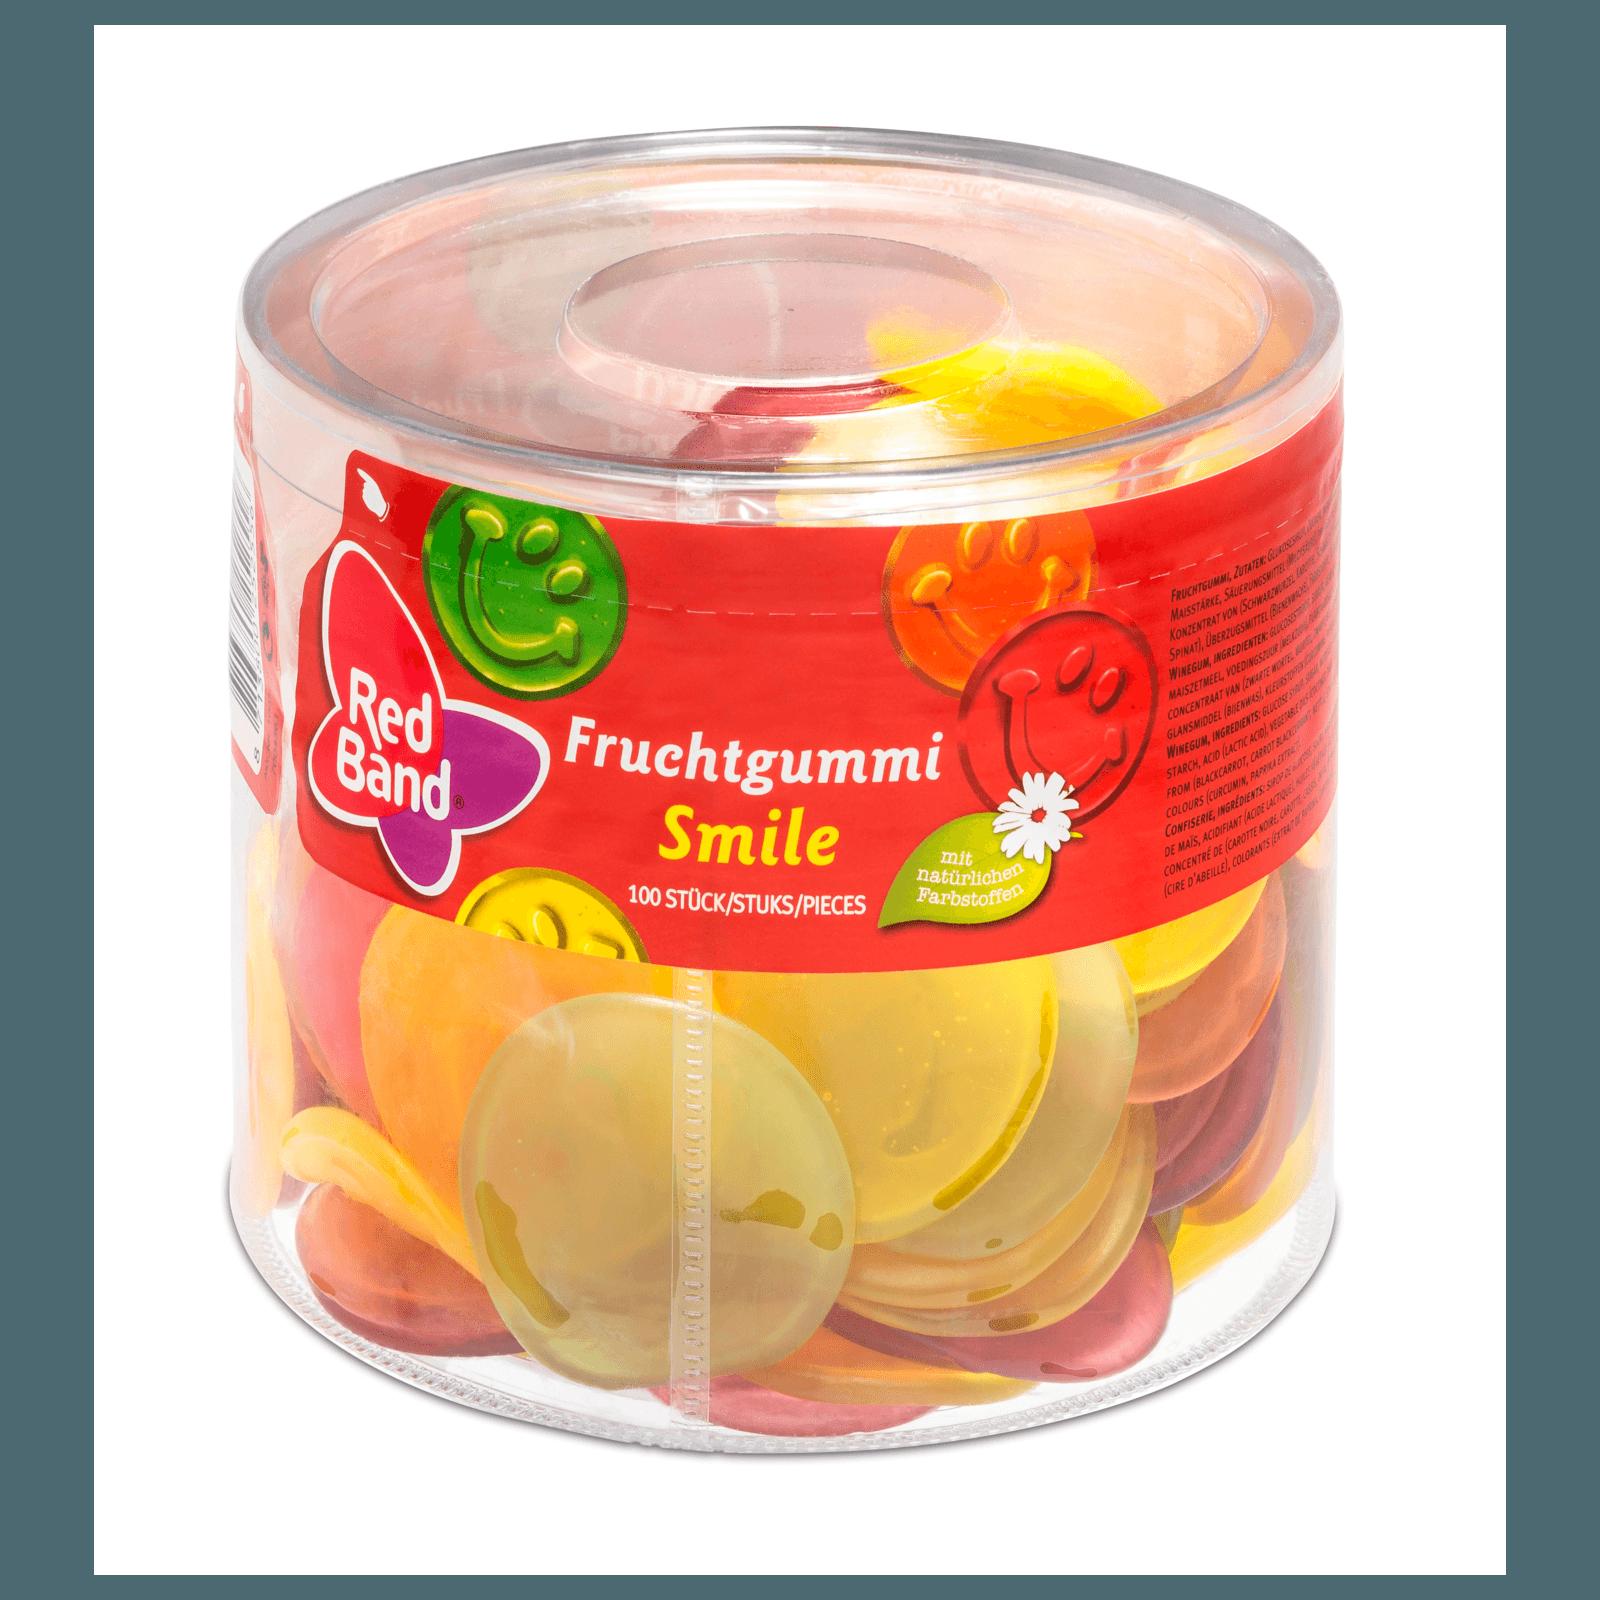 Red Band Fruchtgummi Smile 1,2kg, 100 Stück